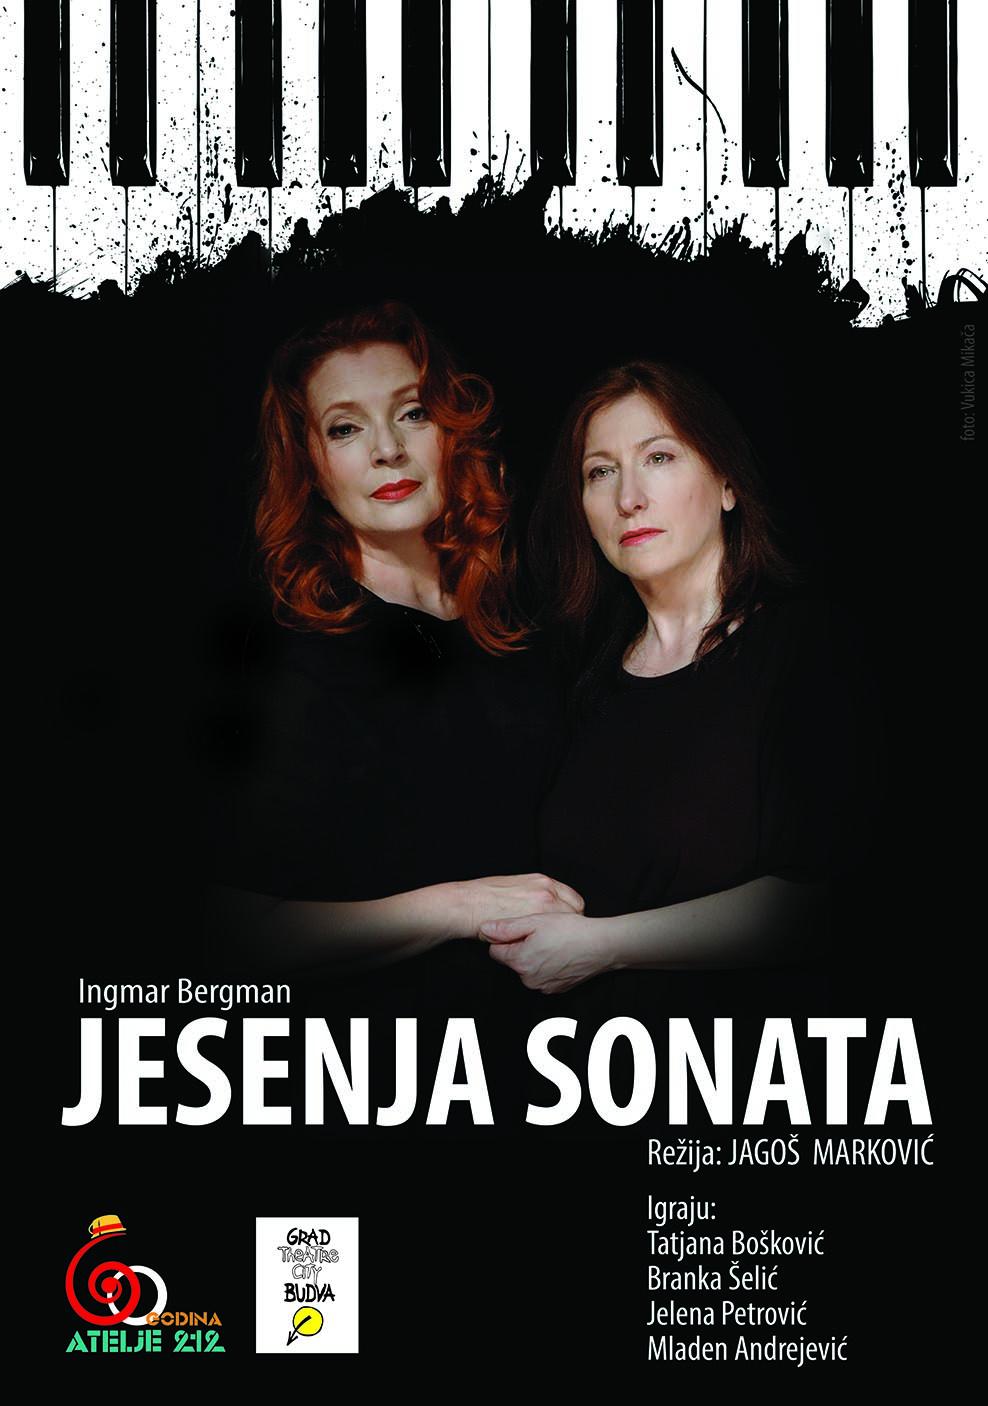 JESENJA-SONATA